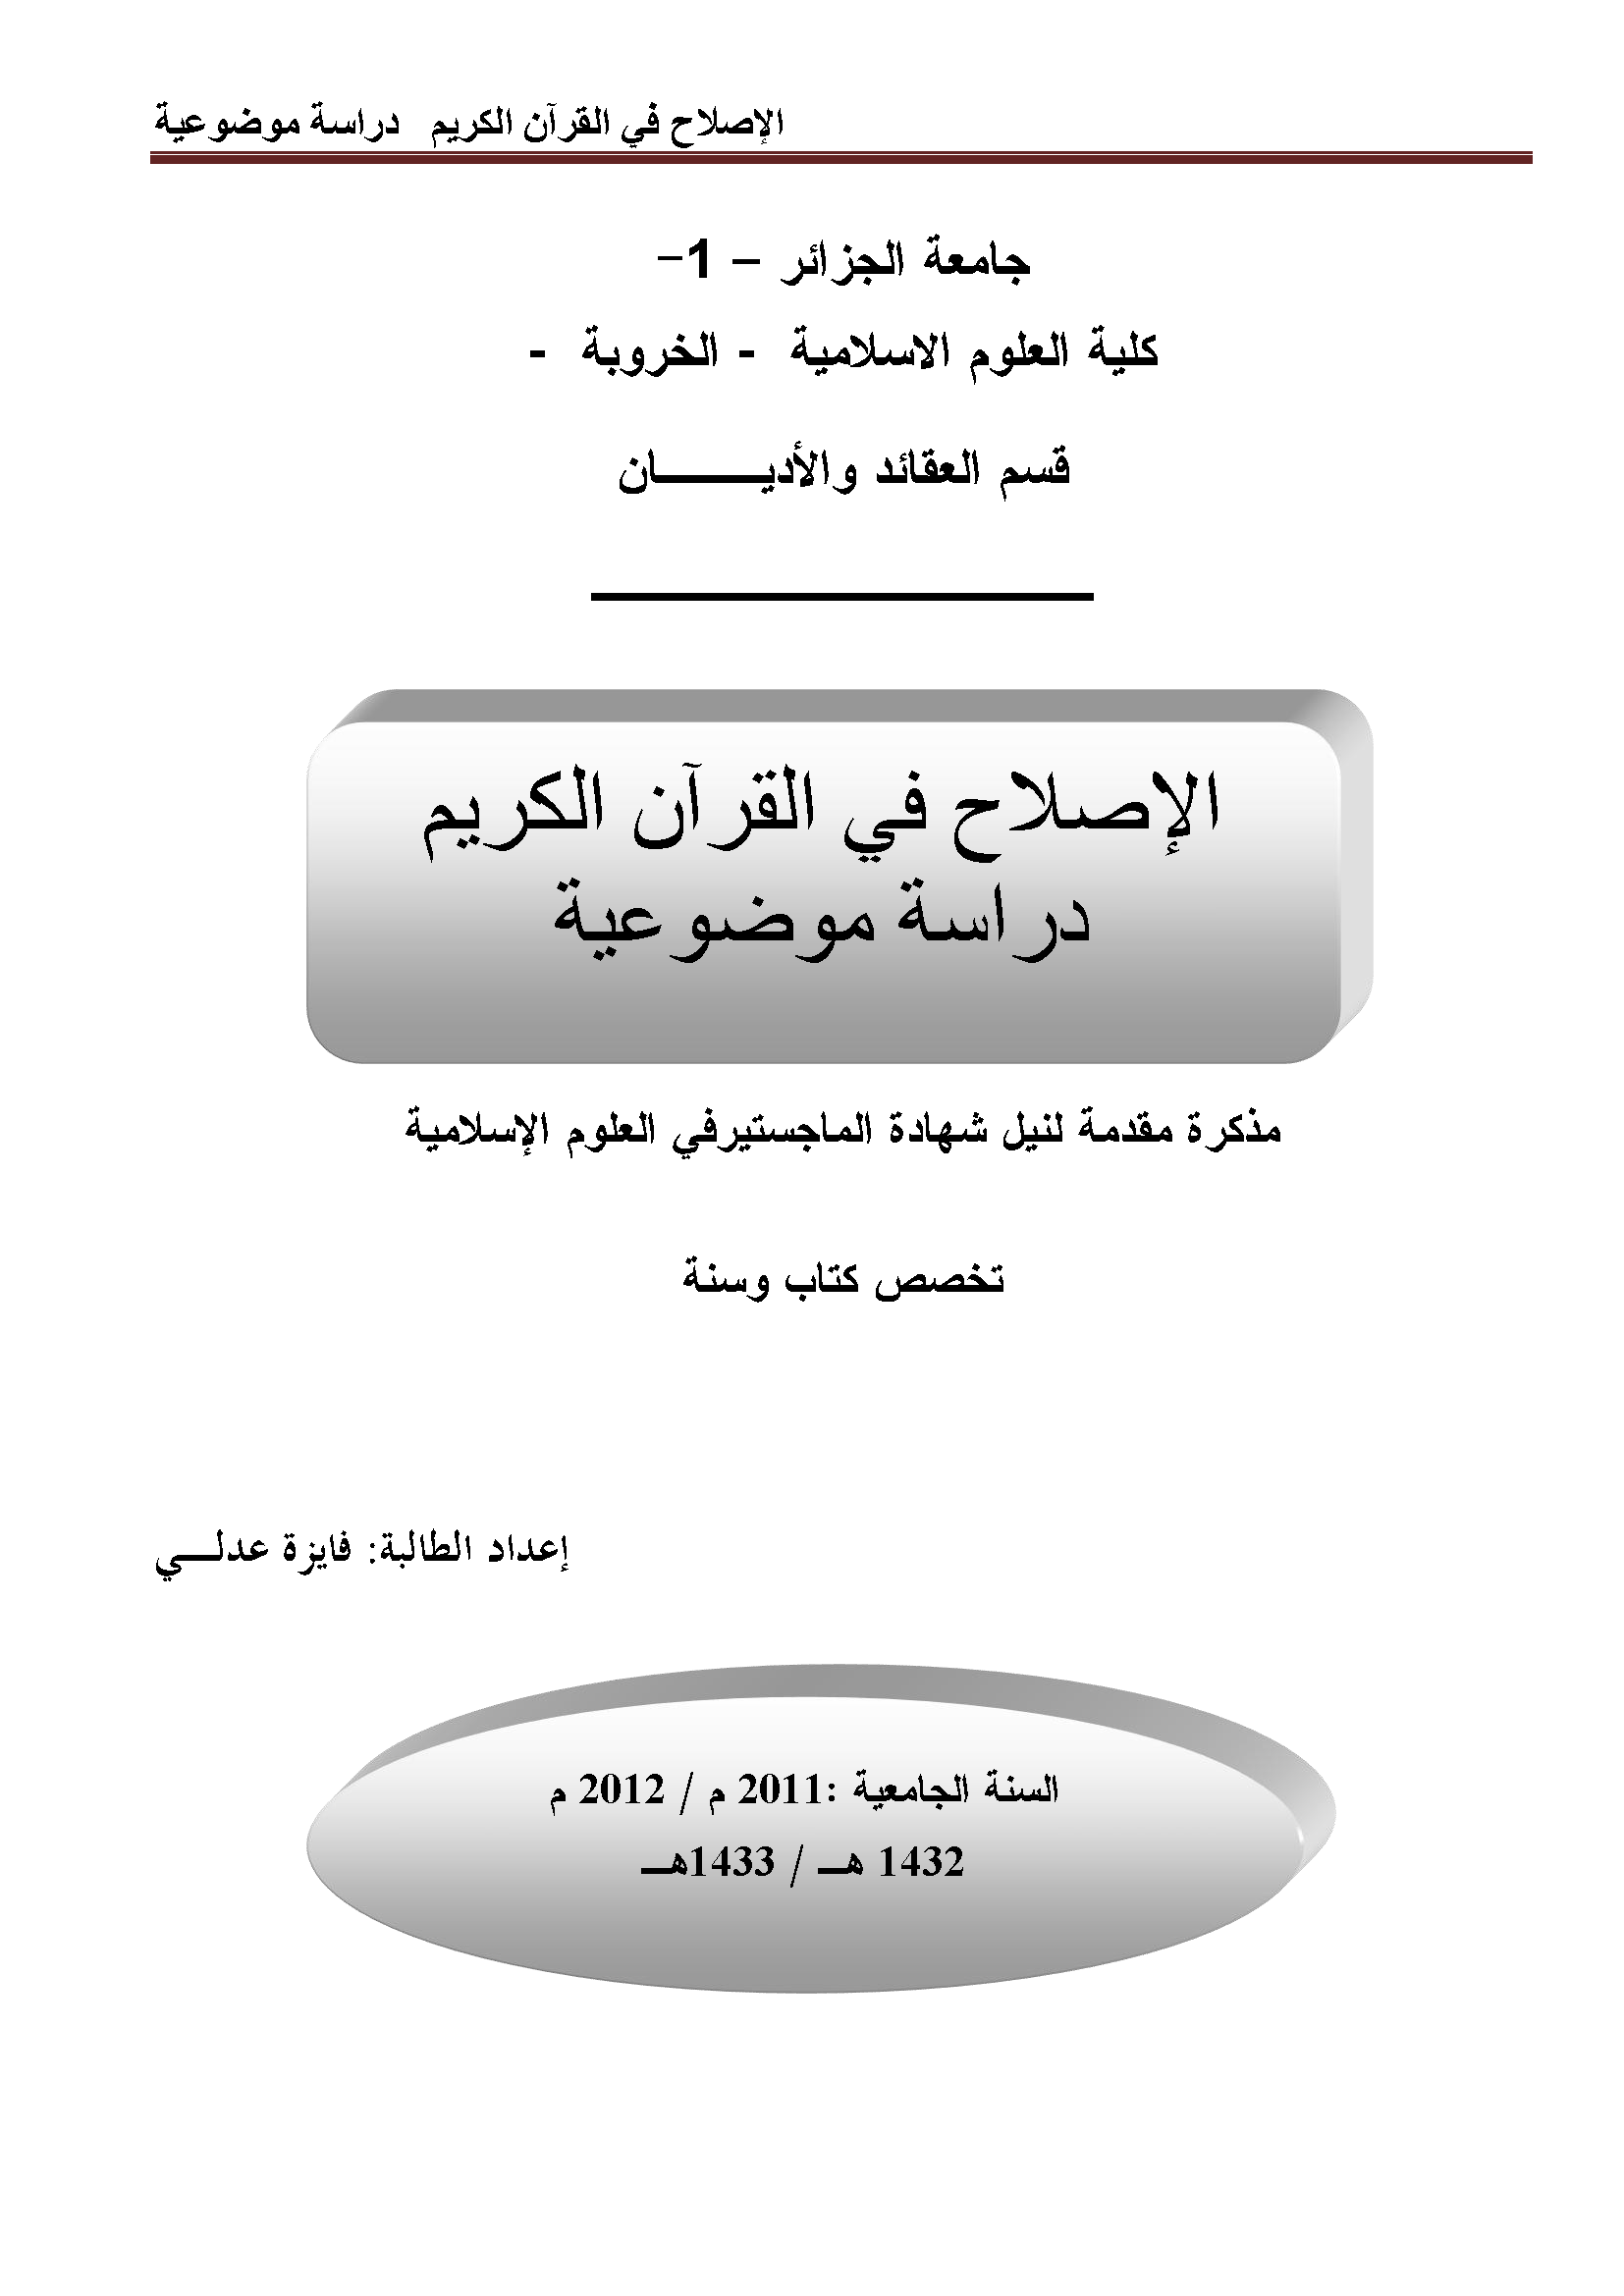 تحميل كتاب الإصلاح في القرآن الكريم (دراسة موضوعية) لـِ: فايزة عدلي